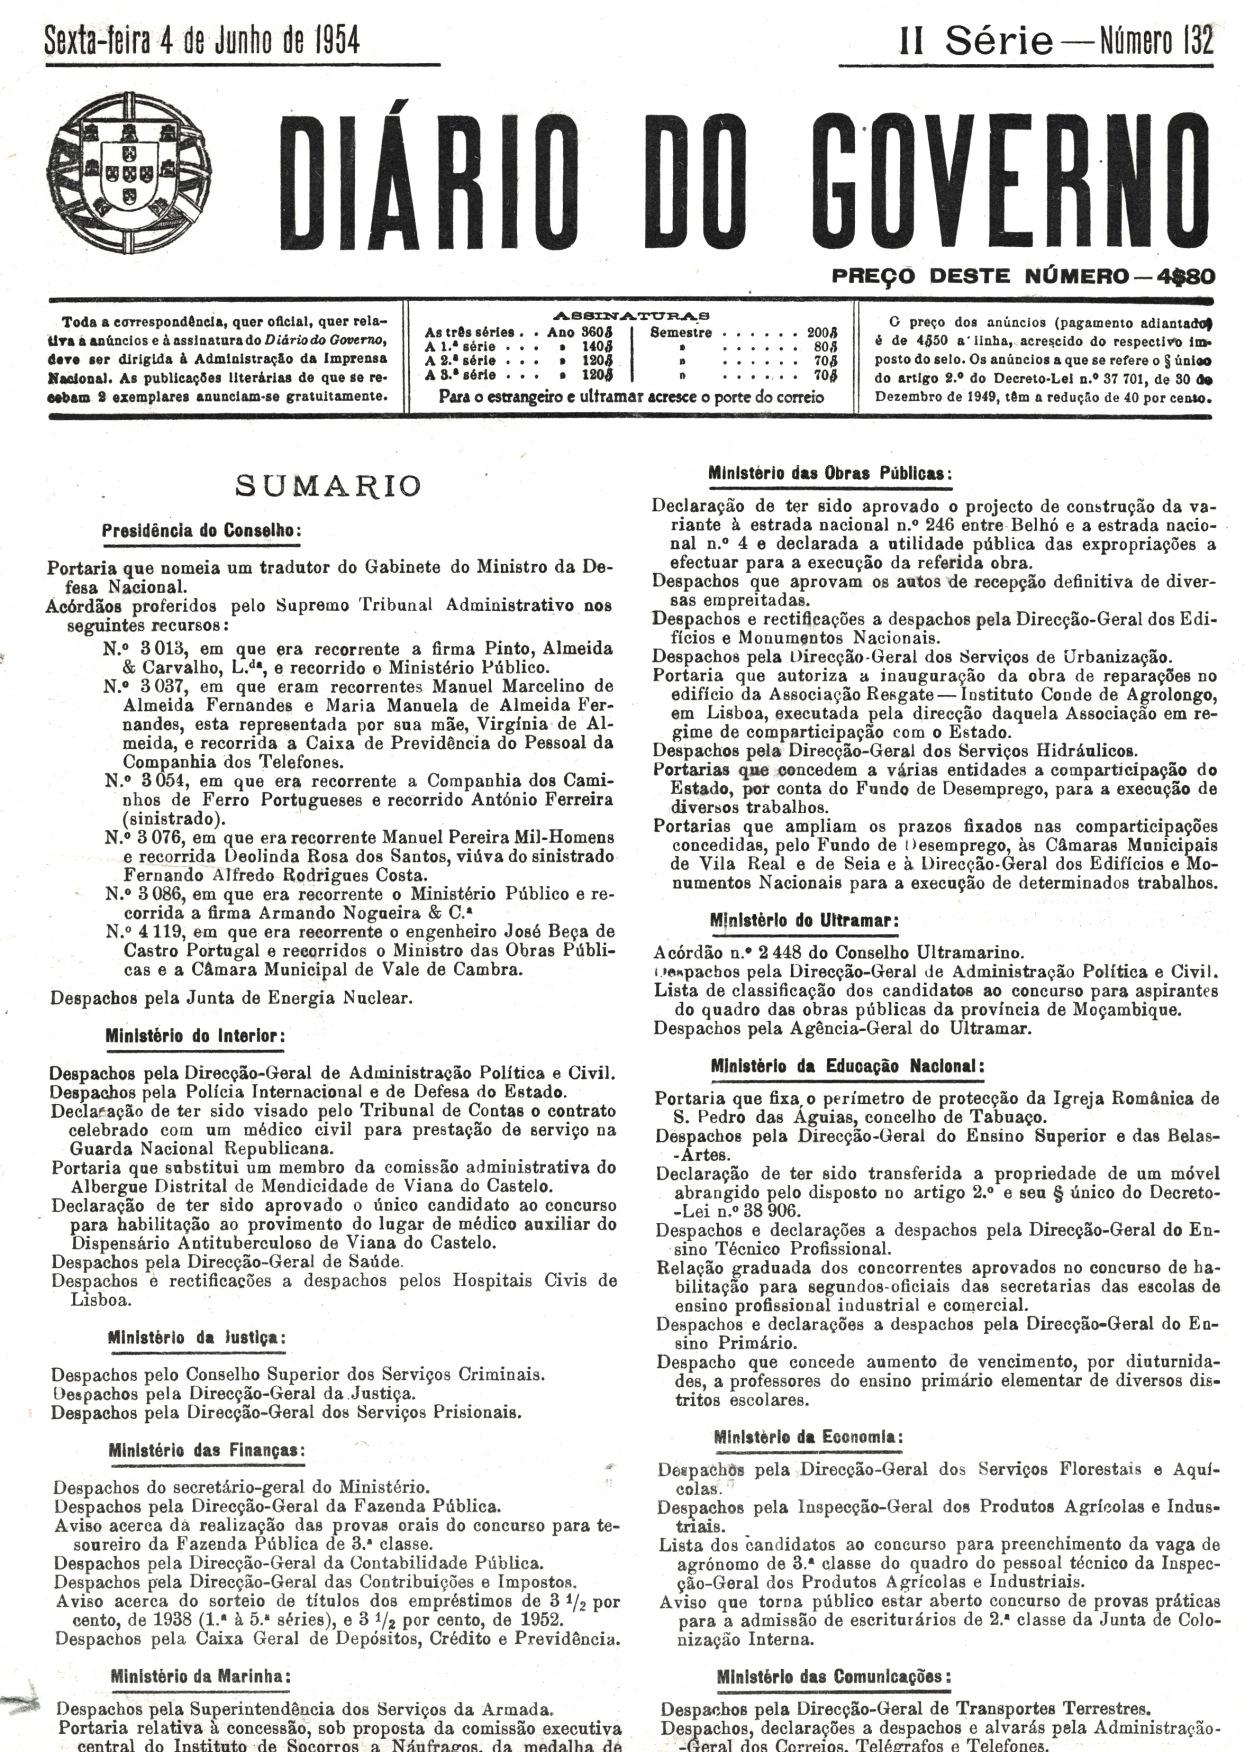 00268 954-05-08 Promovido a 1º tenente - DG II Ser 132 de 4-6-54 - Port de 26-5-54 - DG pg 3407